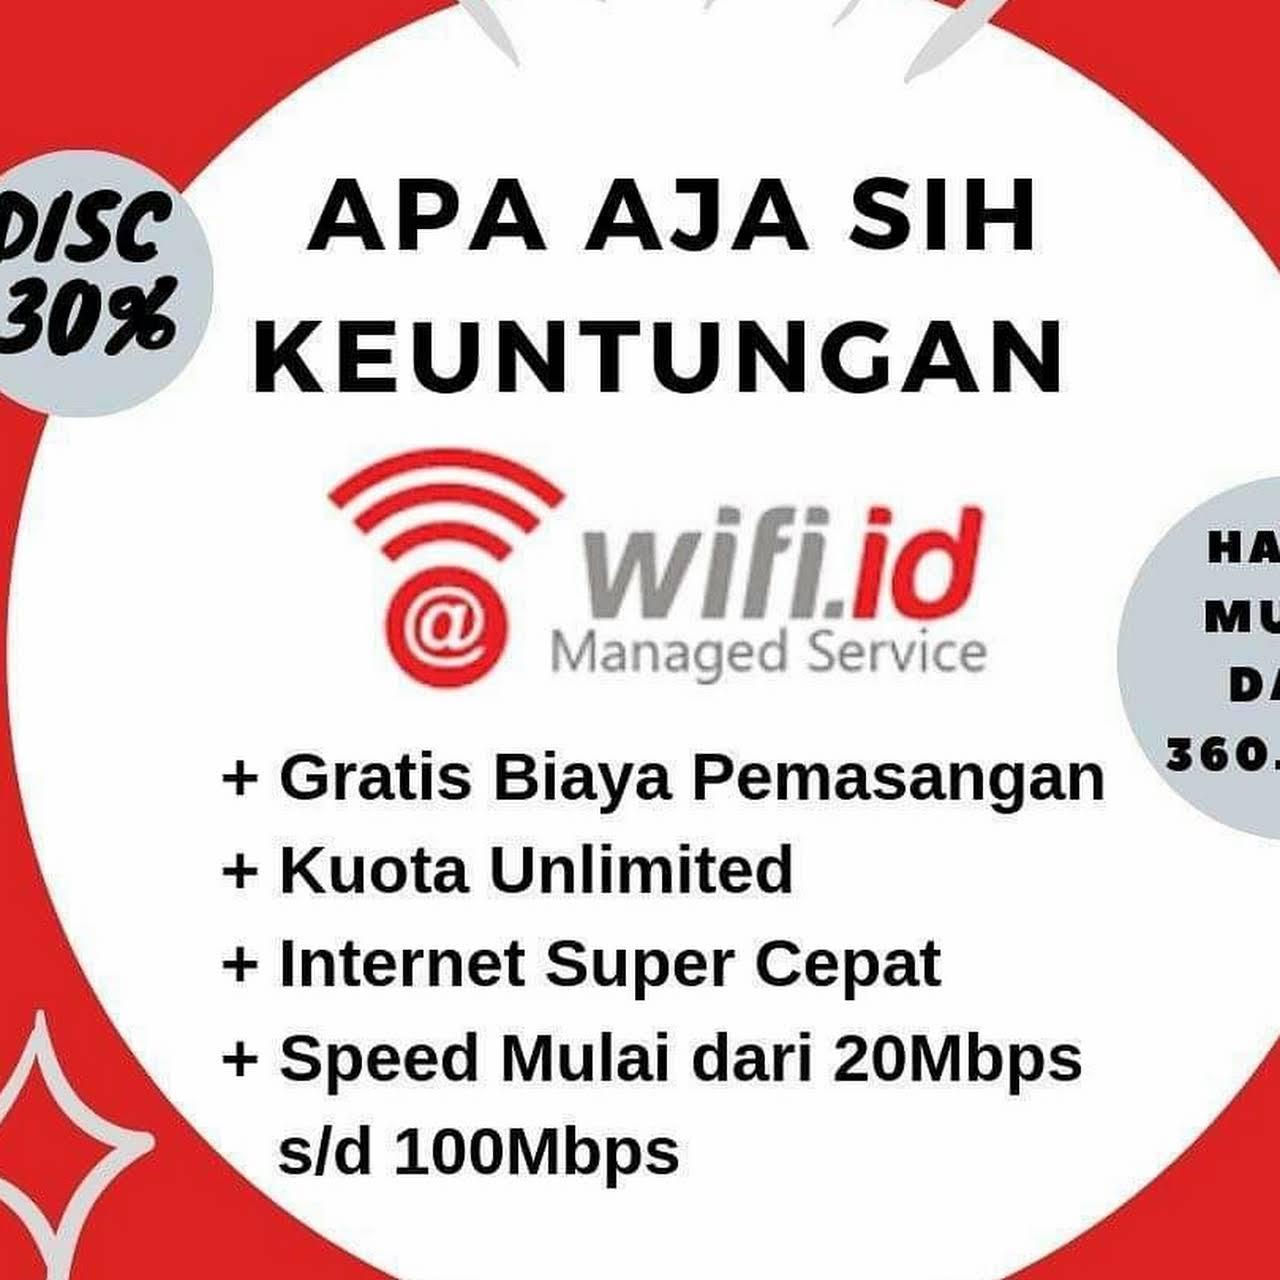 Telkom Wifi Id Medan Melayani Pemasangan Baru Wifi Id Manage Service Wms Telkom Khusus Kota Medan Sekitar Nya